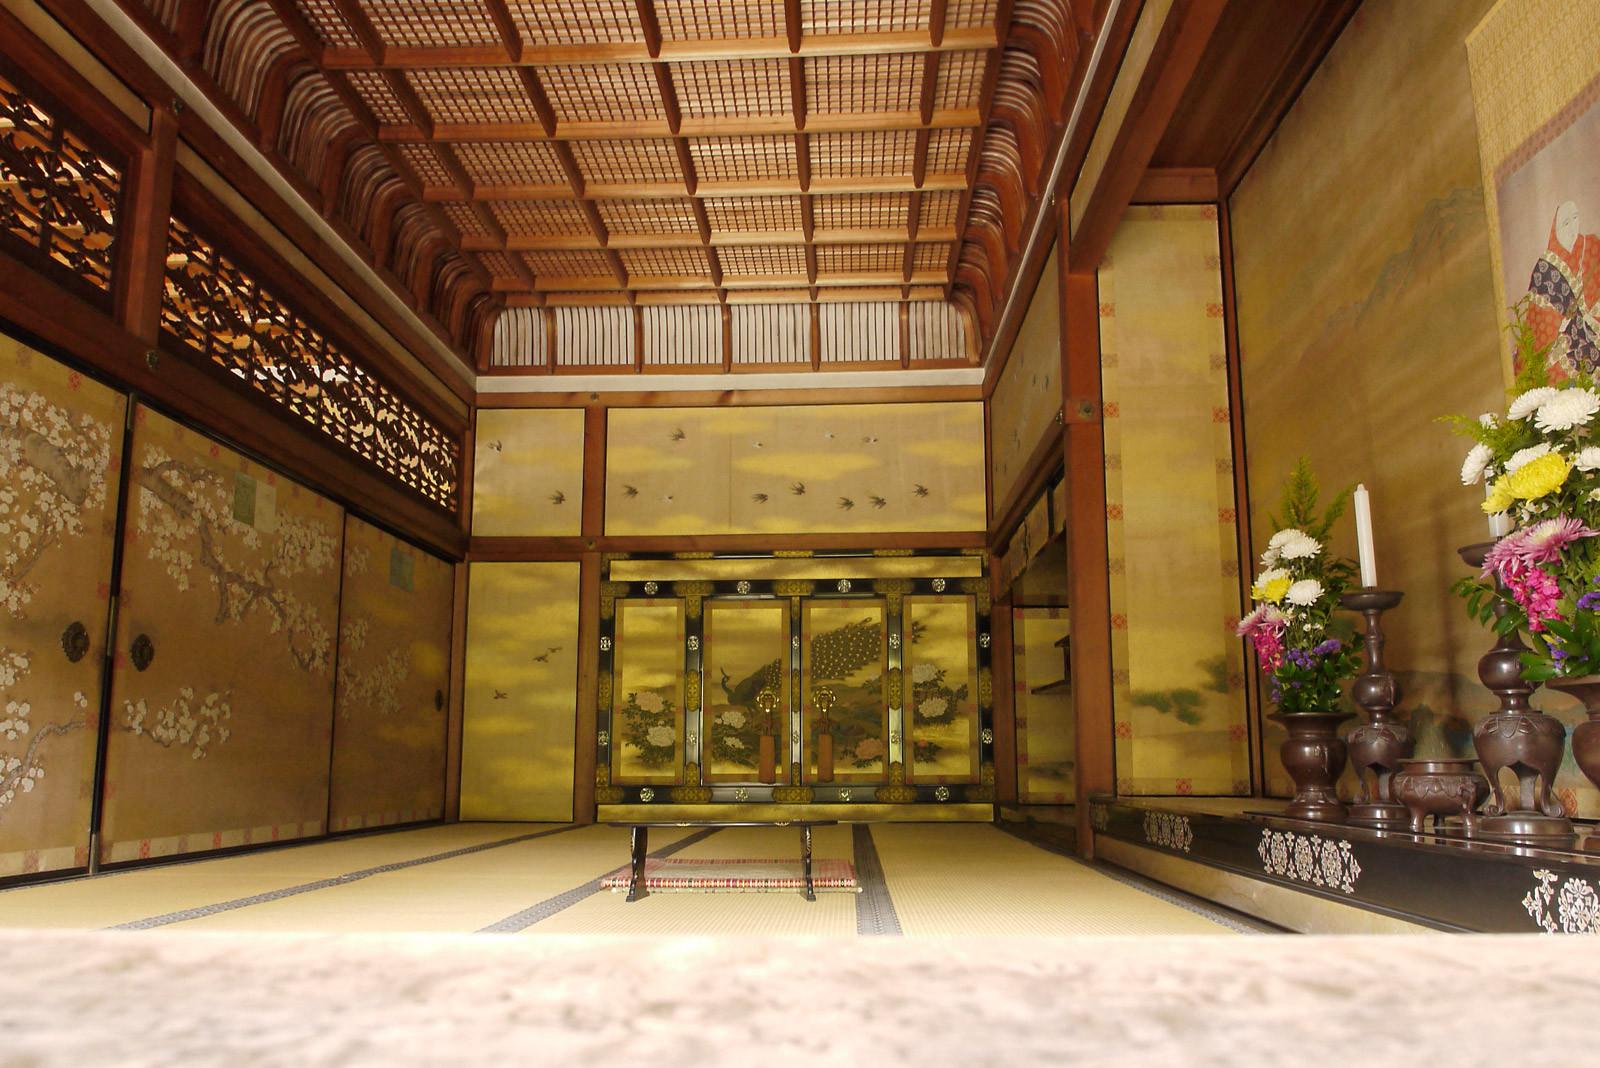 京都庭めぐりの旅 ~ 仁和寺(亀岡式)御殿